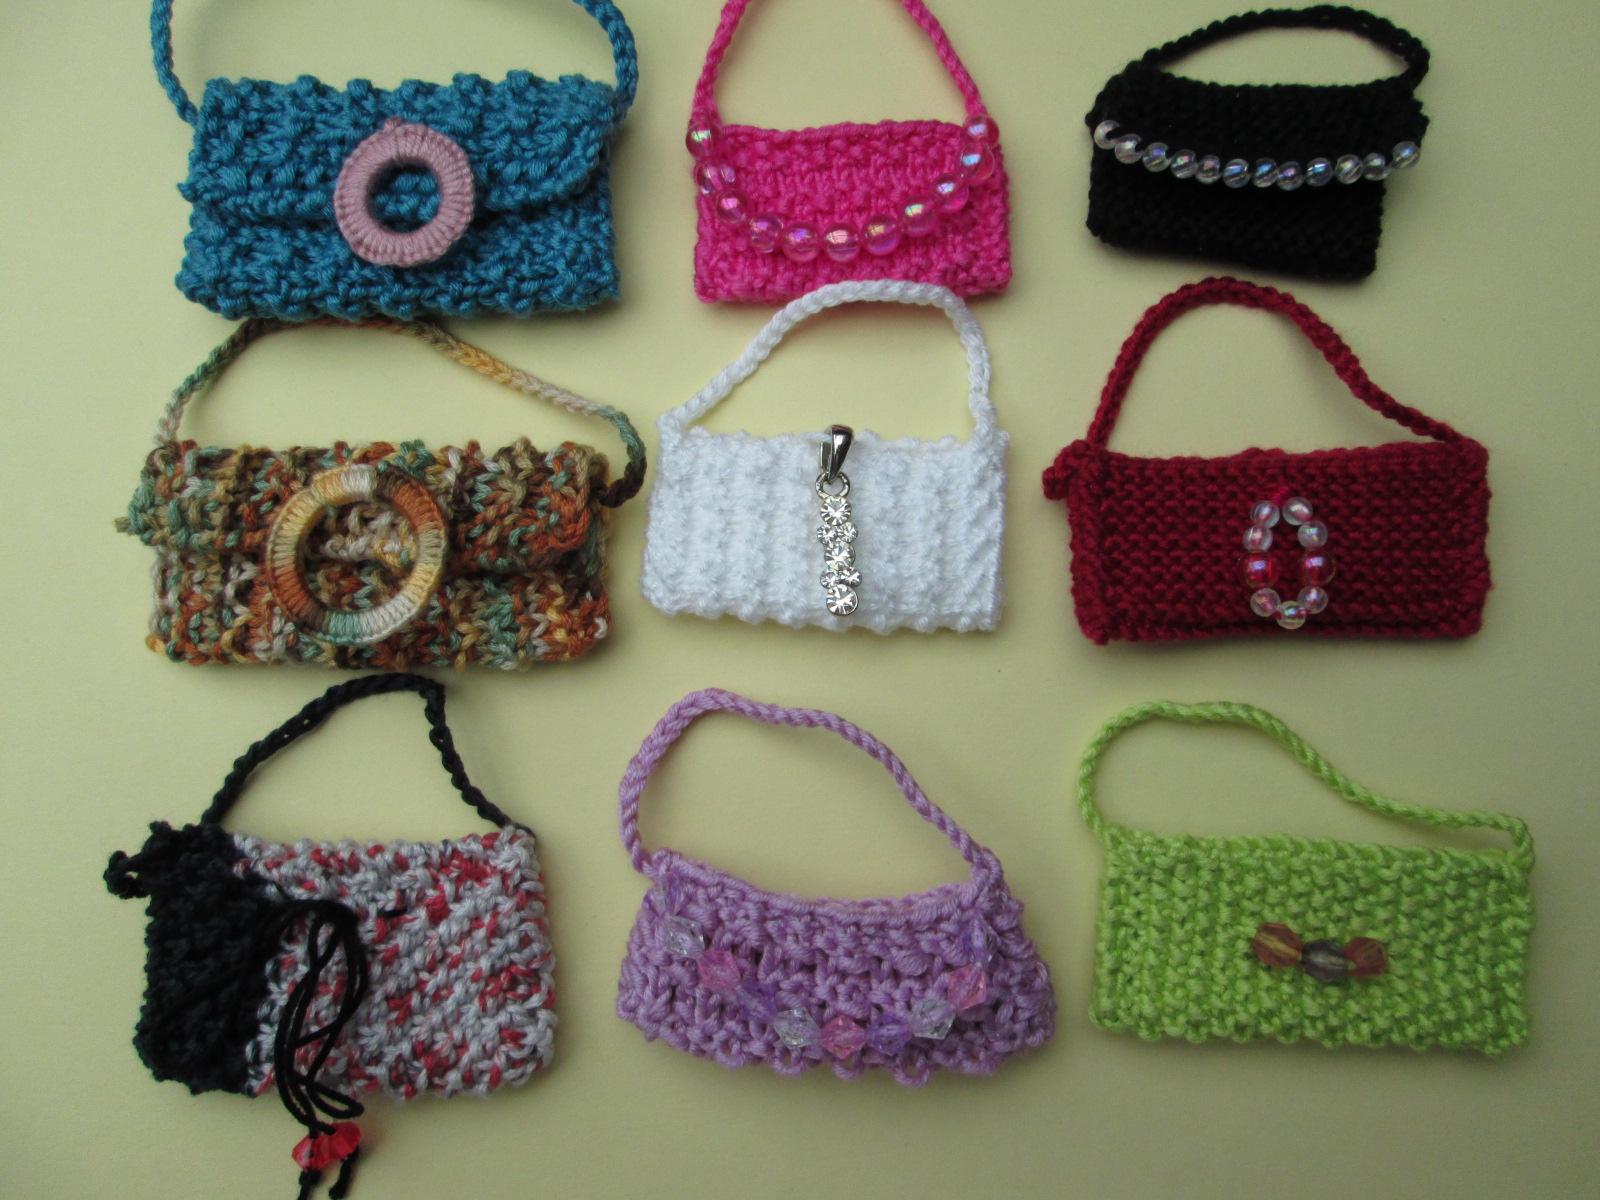 Sacs et chapeaux pour barbie carlycreations - Tuto pour creer un sac en crochet ...